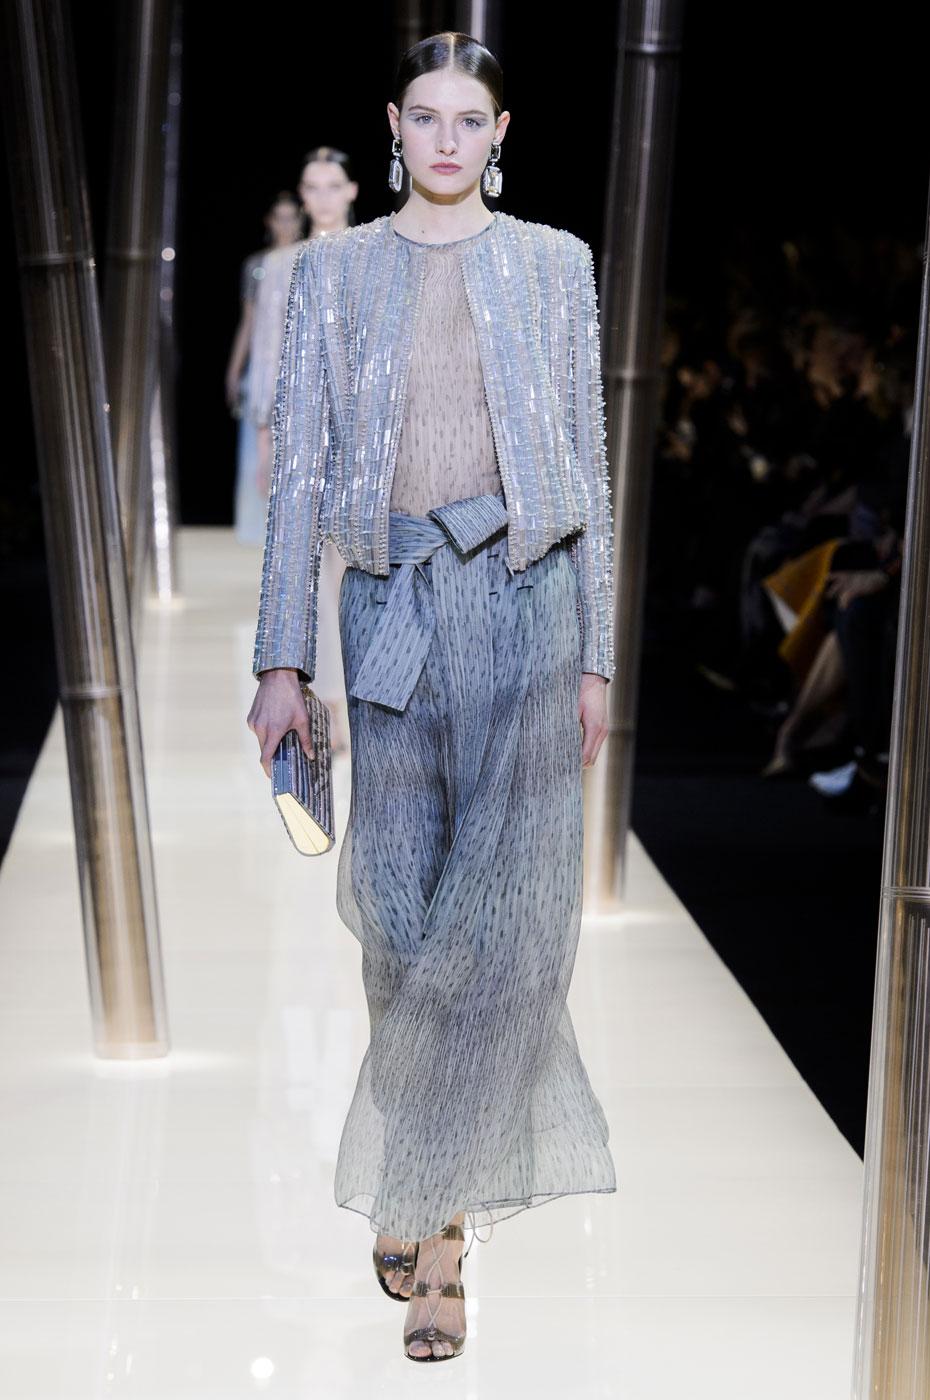 Giorgio-armani-Prive-fashion-runway-show-haute-couture-paris-spring-2015-the-impression-065